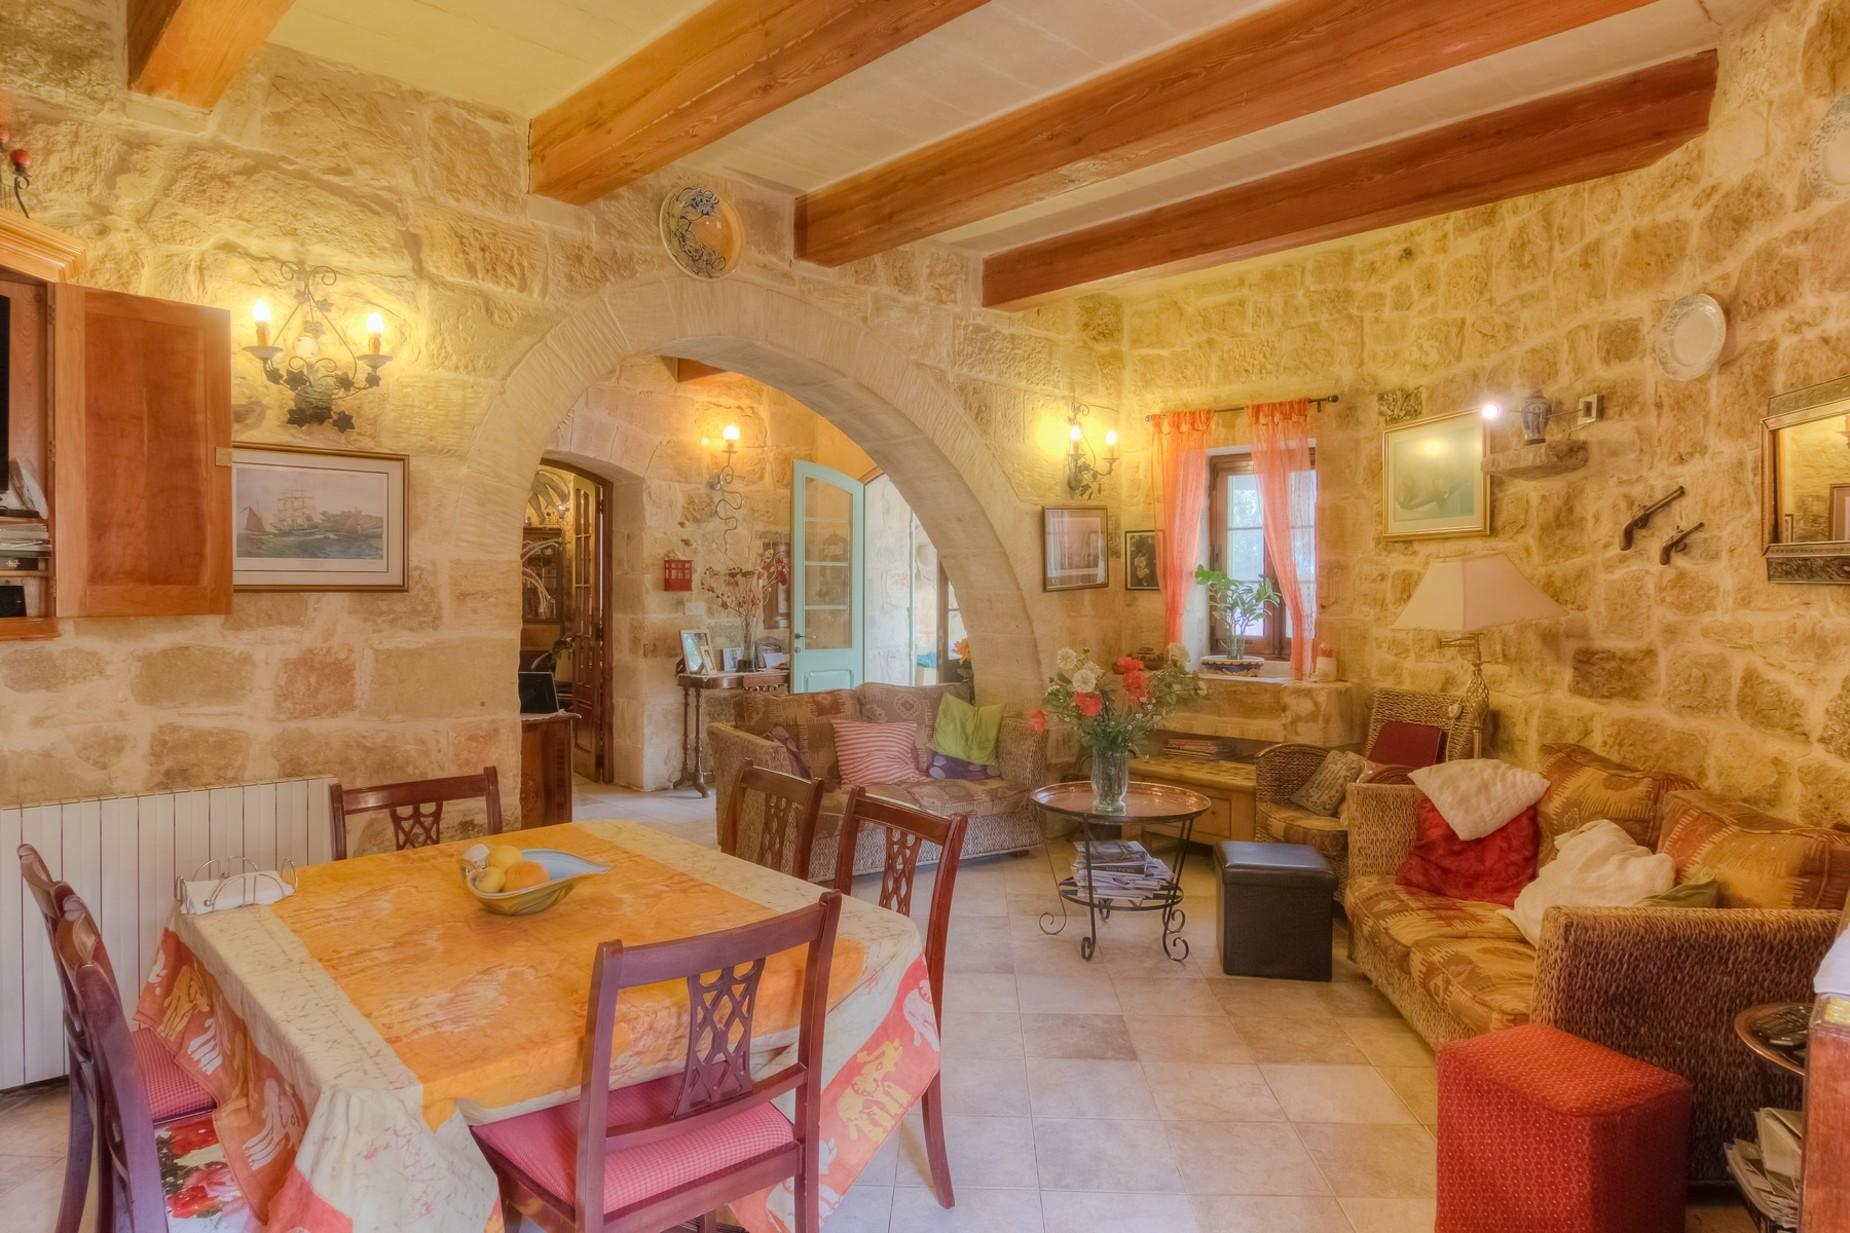 4 bed Villa For Sale in Zurrieq, Zurrieq - thumb 4